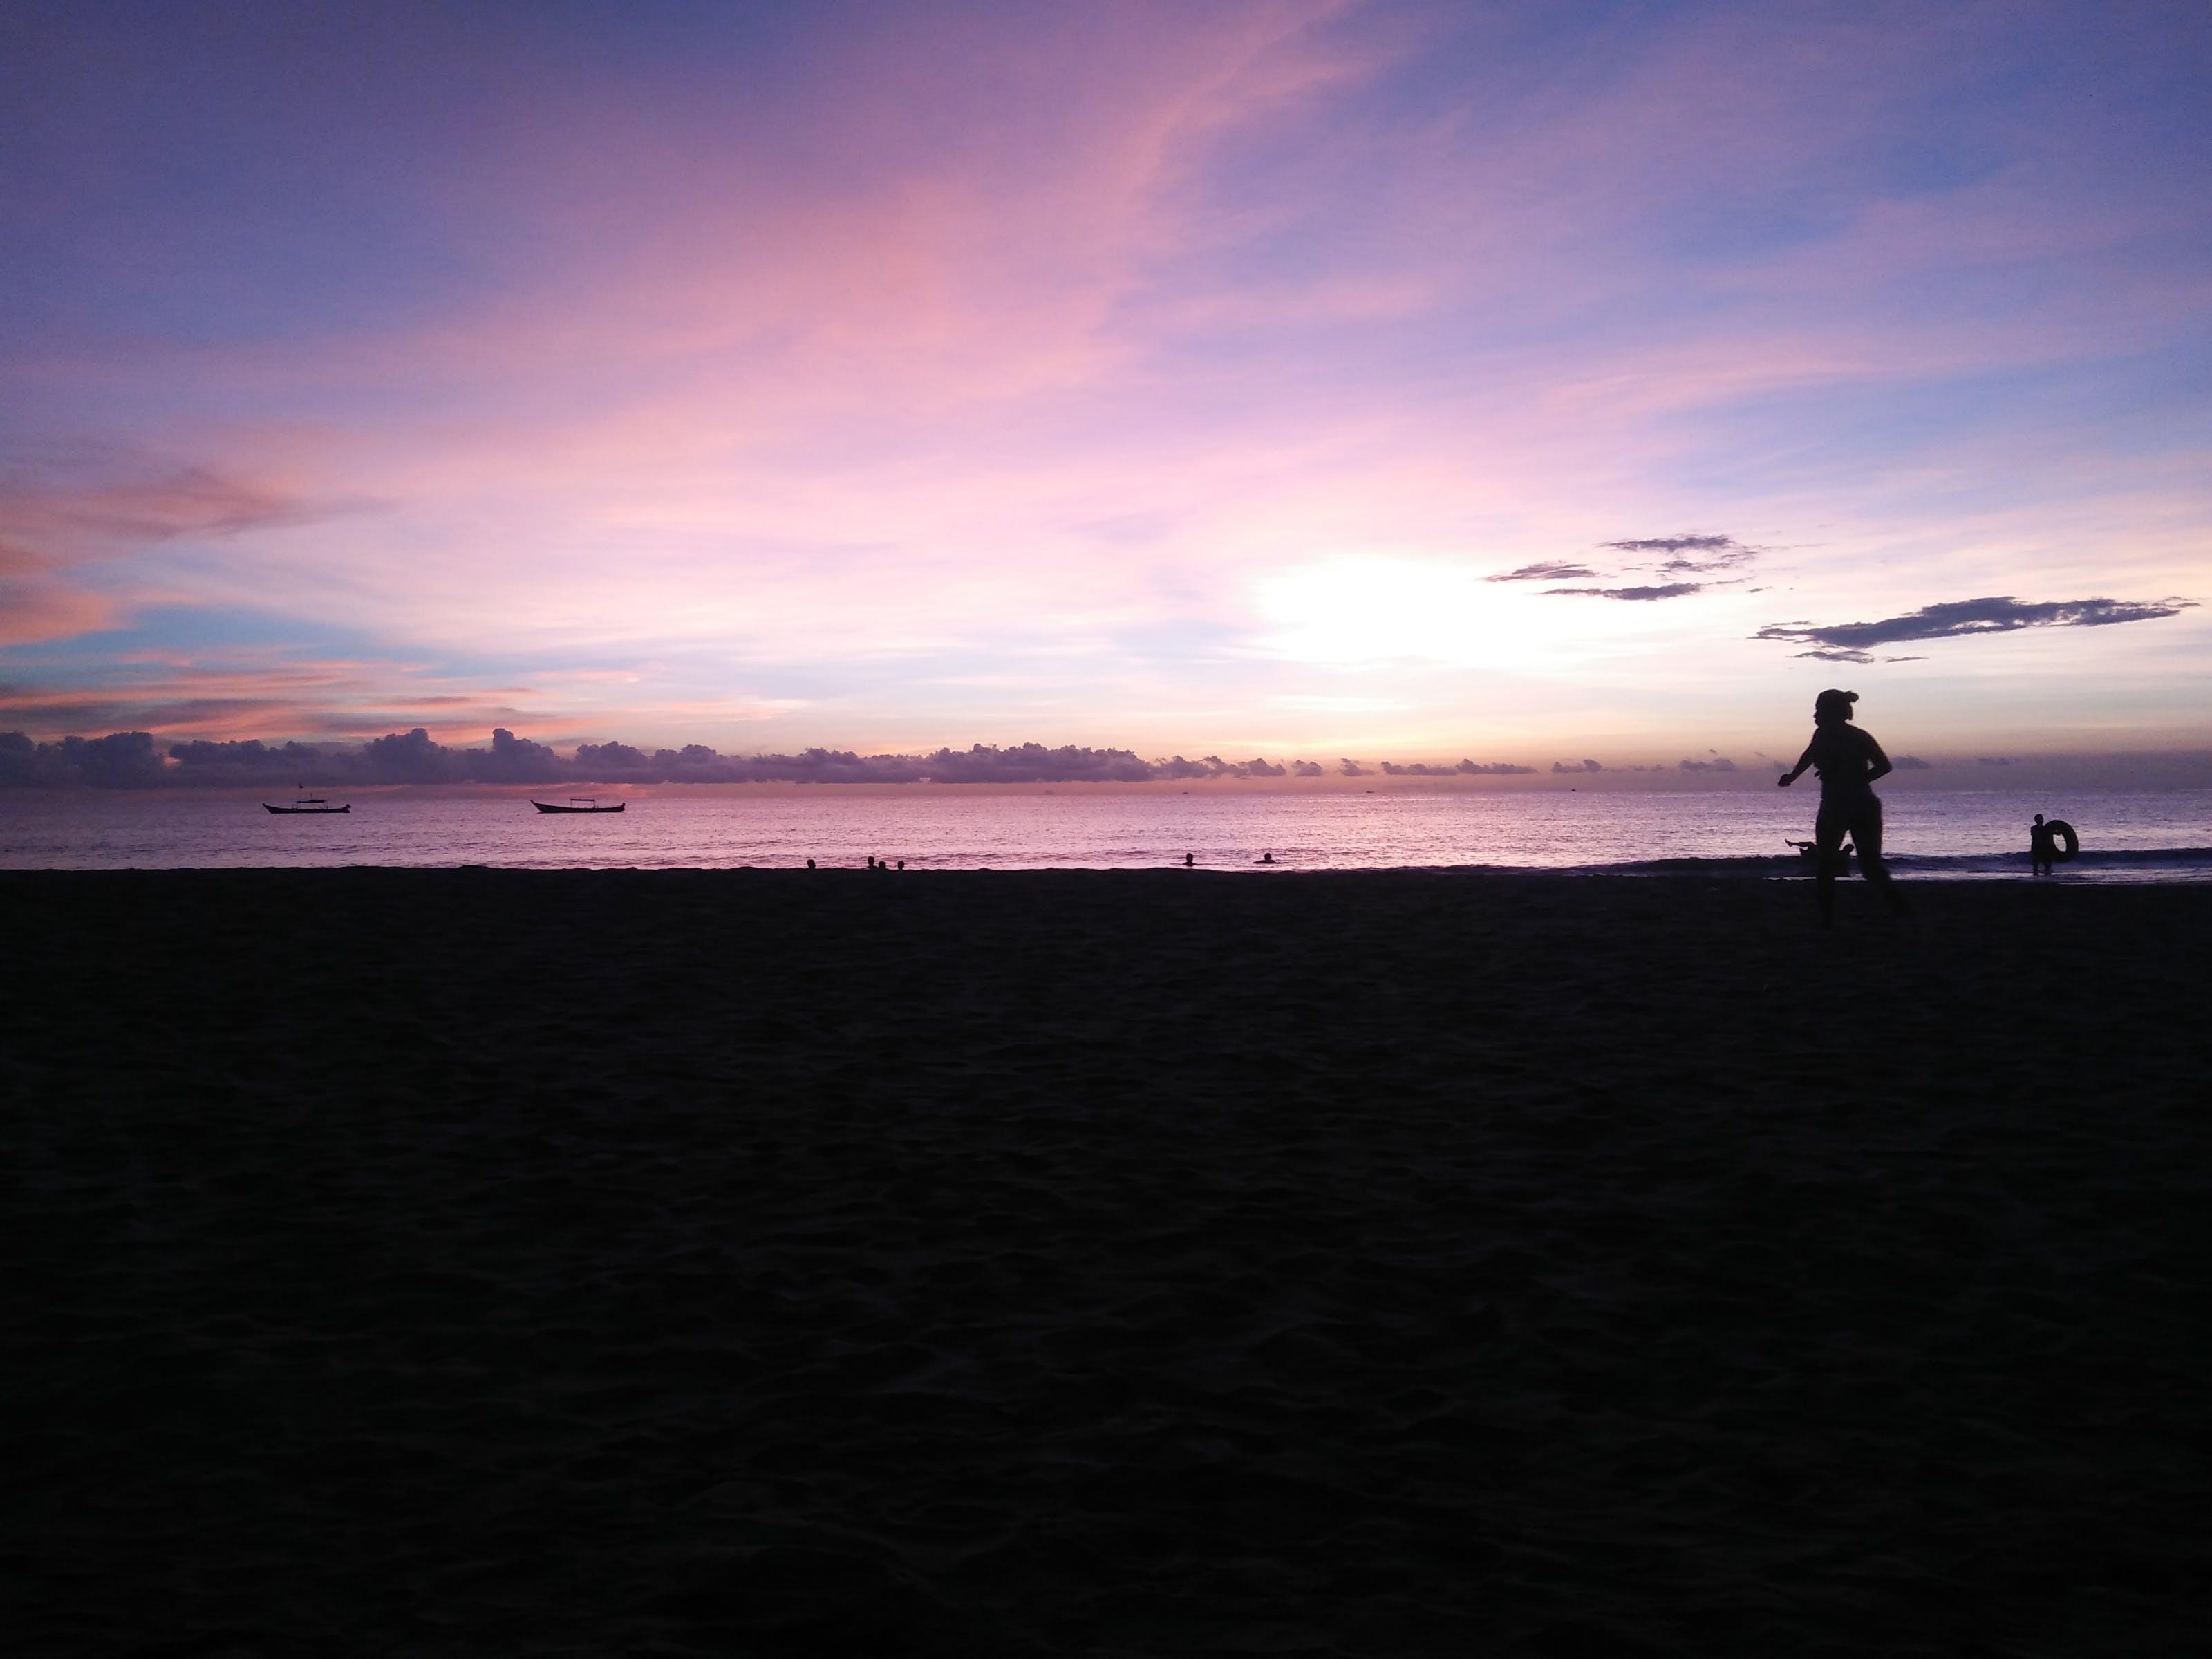 Silhouette of Person Near Sea